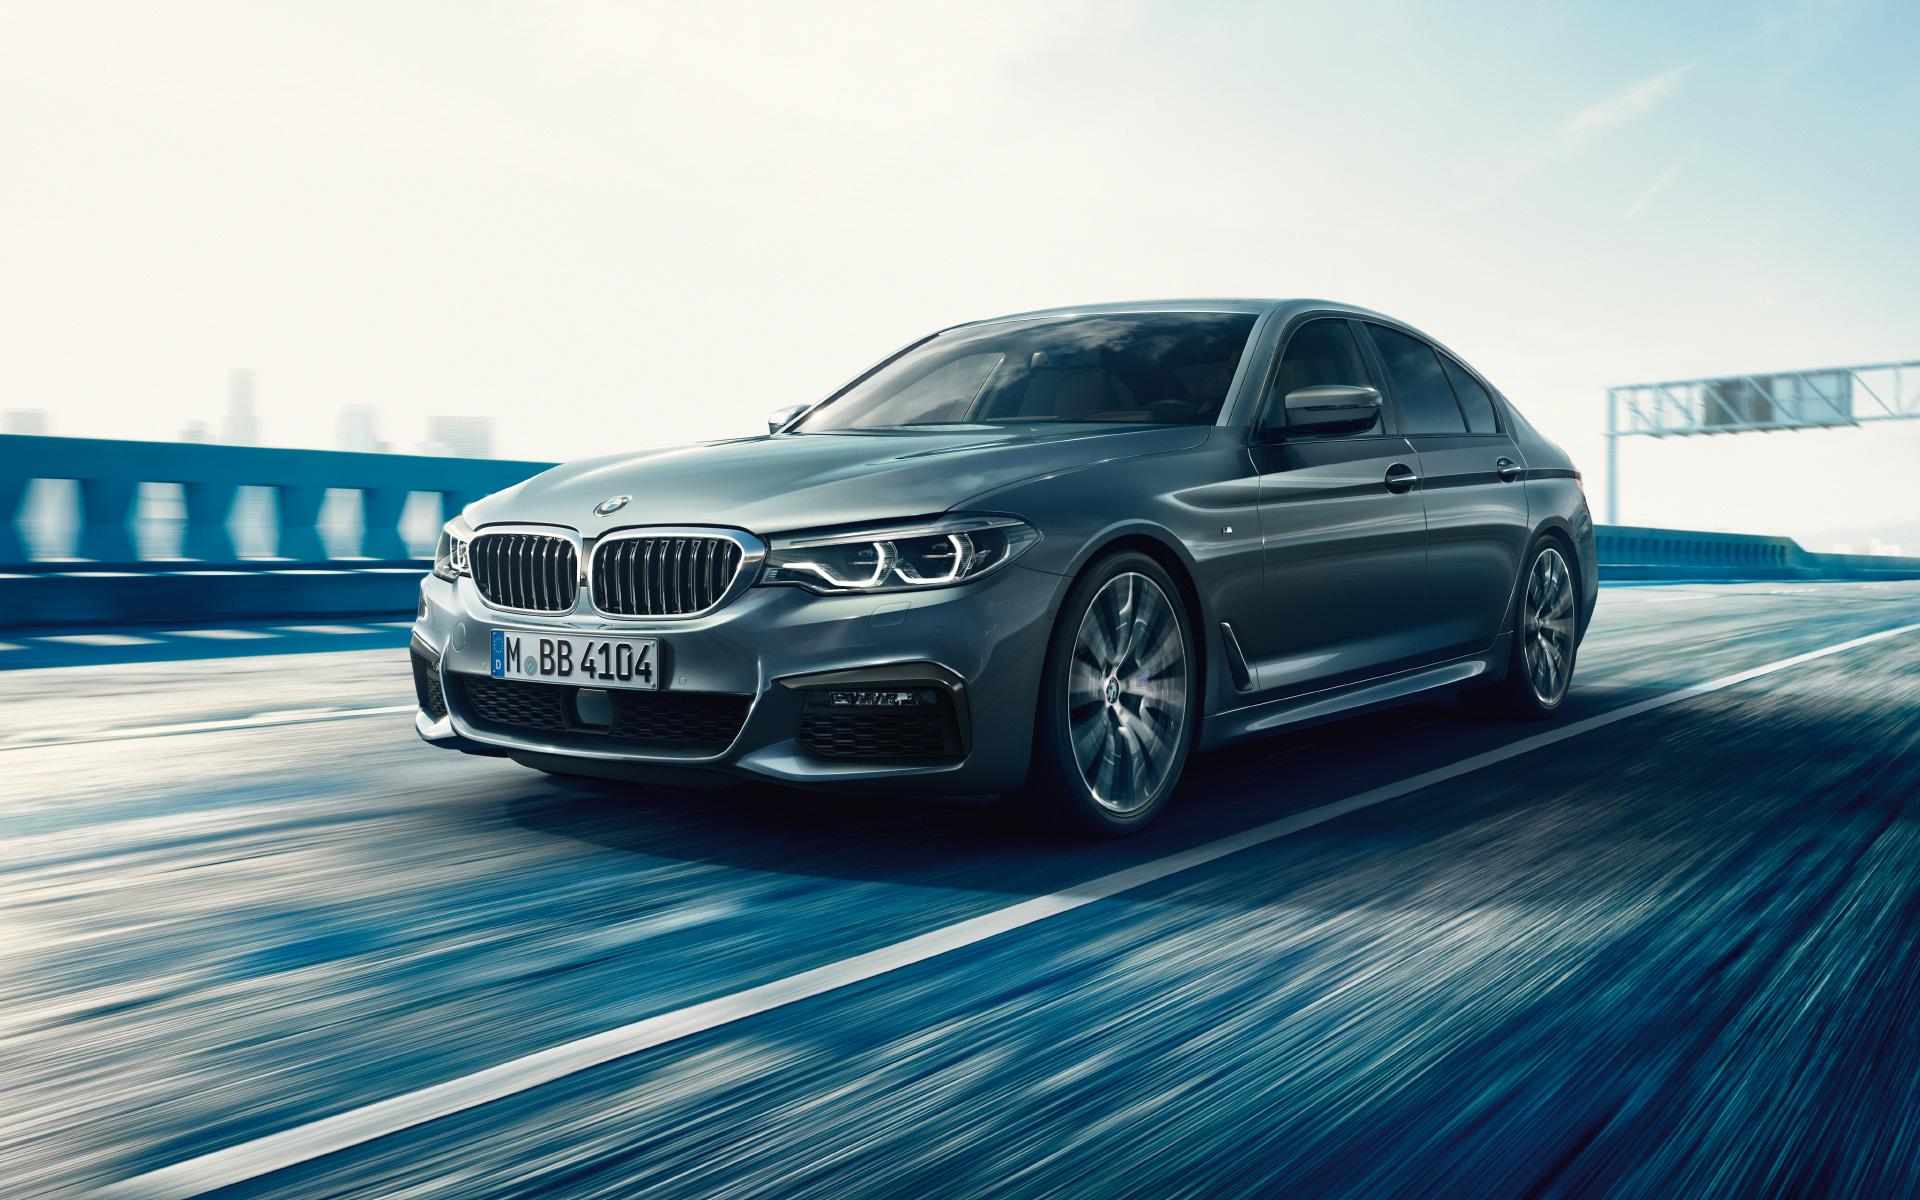 BMW الفئة الخامسة 540i الجديدة 2019